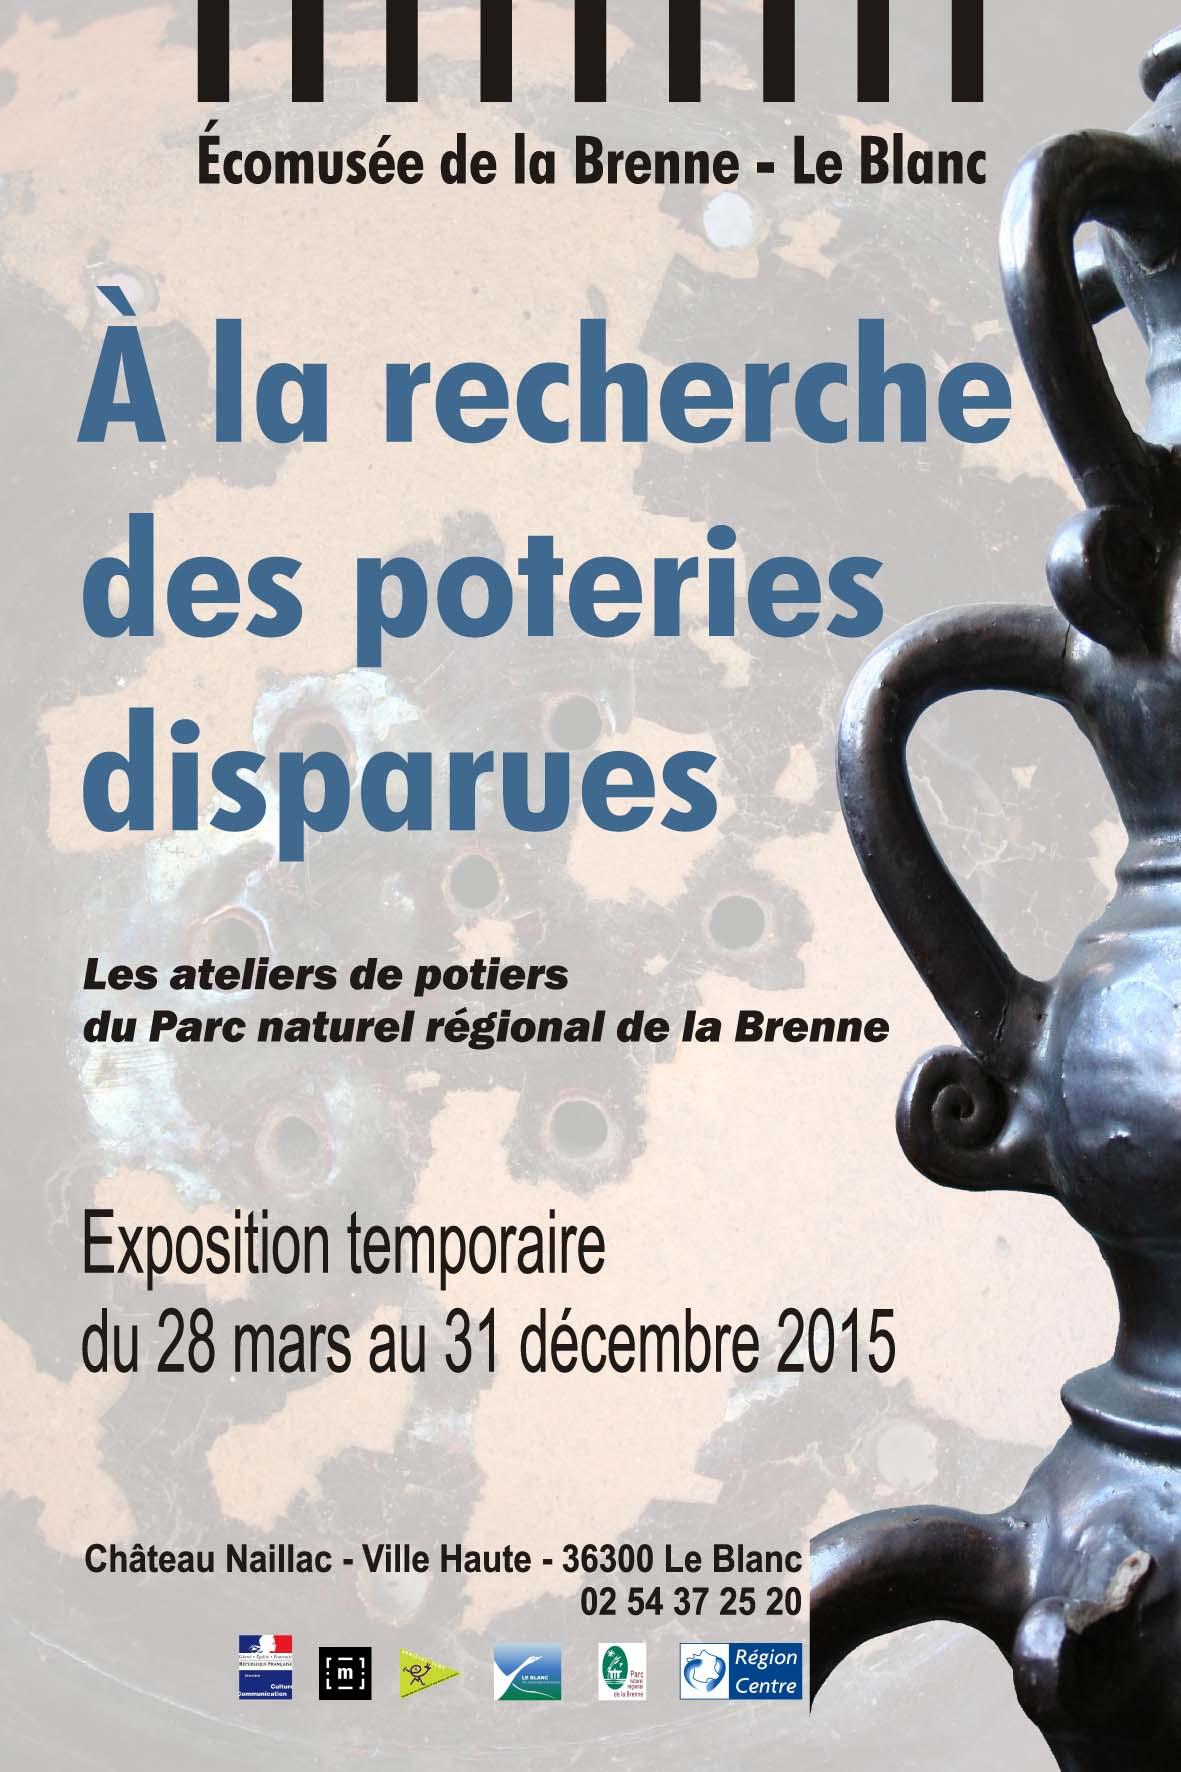 A la recherche des poteries disparues, les ateliers de potiers du PNR de la Brenne, exposition temporaire du 28 mars au 31 décembre 2015